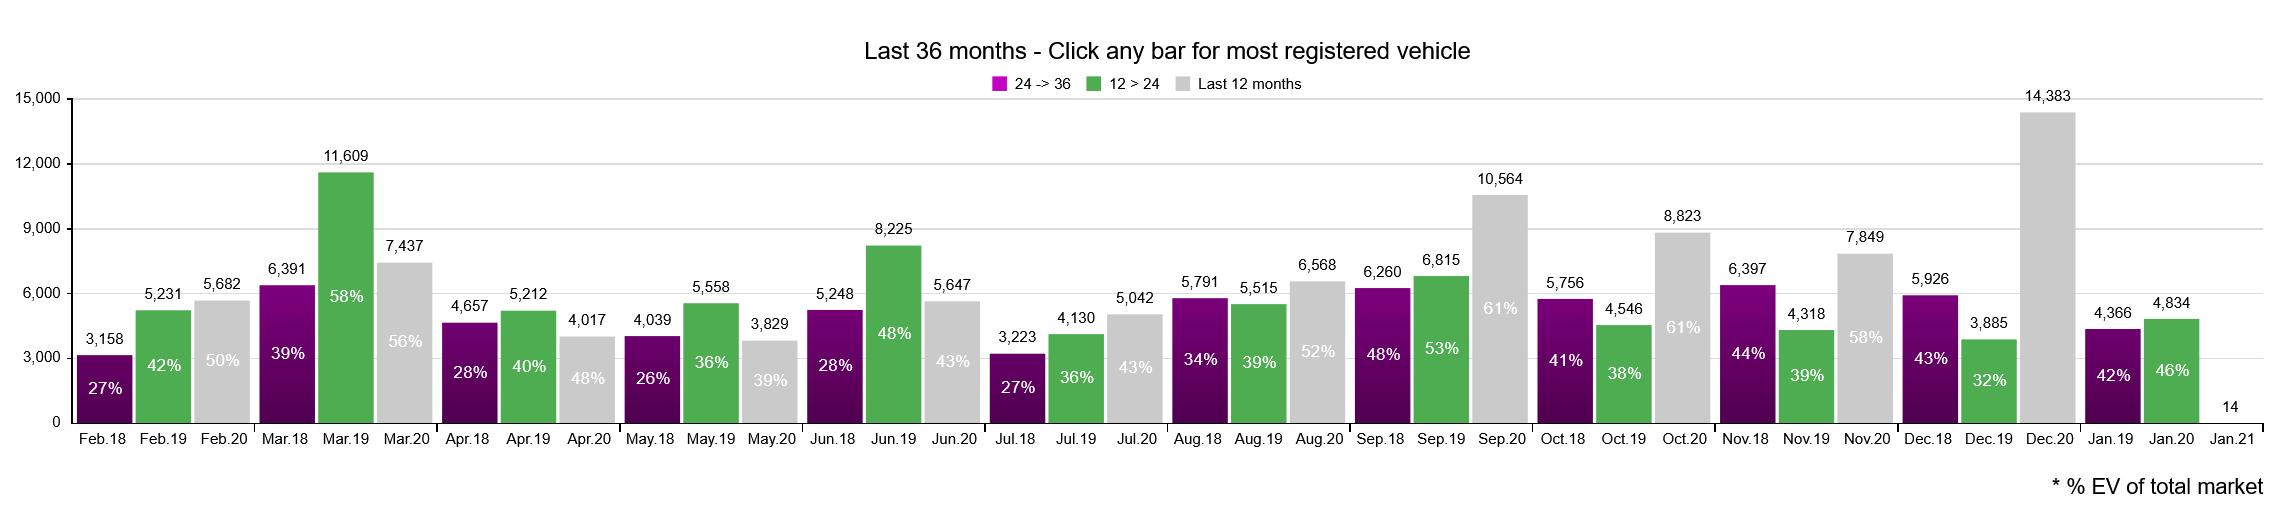 Продажи электромобилей в Норвегии по месяцам.